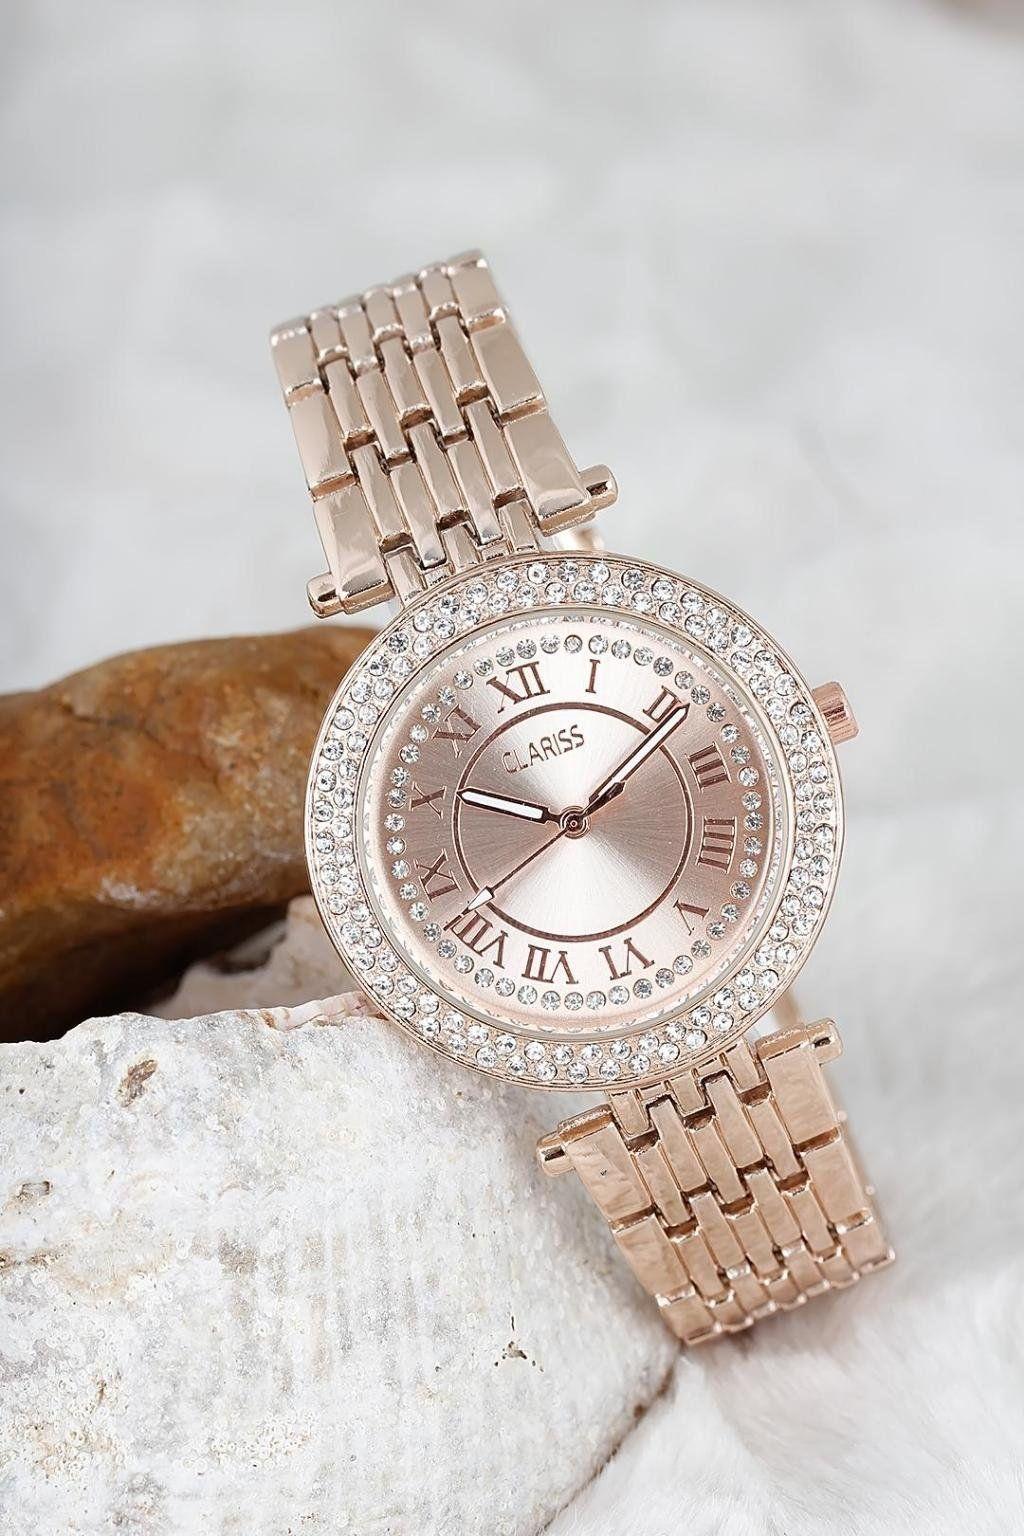 Bayan Saat Kategorisindeki Clariss Marka Zirkon Tasli Bayan Saat Bilgileri Bayan Saat Fiyatlari Ve Diger Kol Saatleri Modelleri Ve Ces Bayan Saatleri Koltuklar